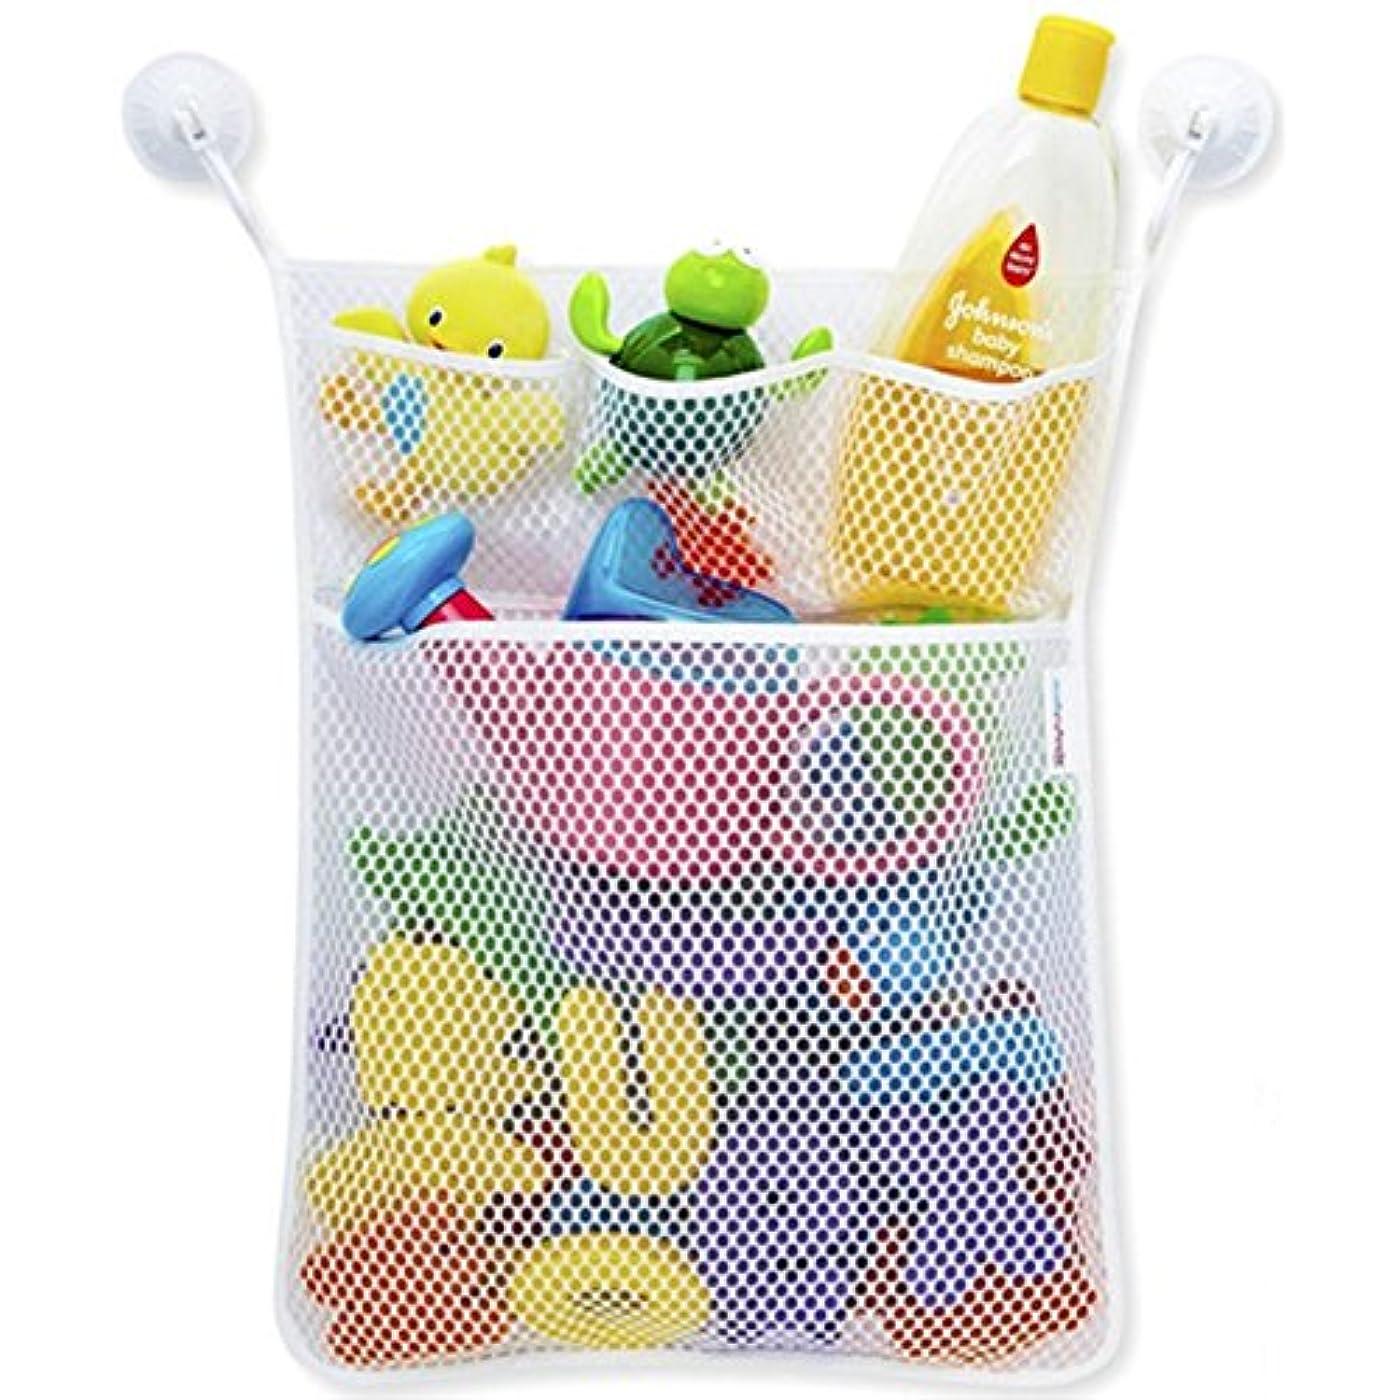 報告書貢献するグリーンランドGaoominy 子供ベビー用シャワー玩具おしゃれな収納サクションカップバッグ浴室玩具メッシュバッグオーガナイザーネット